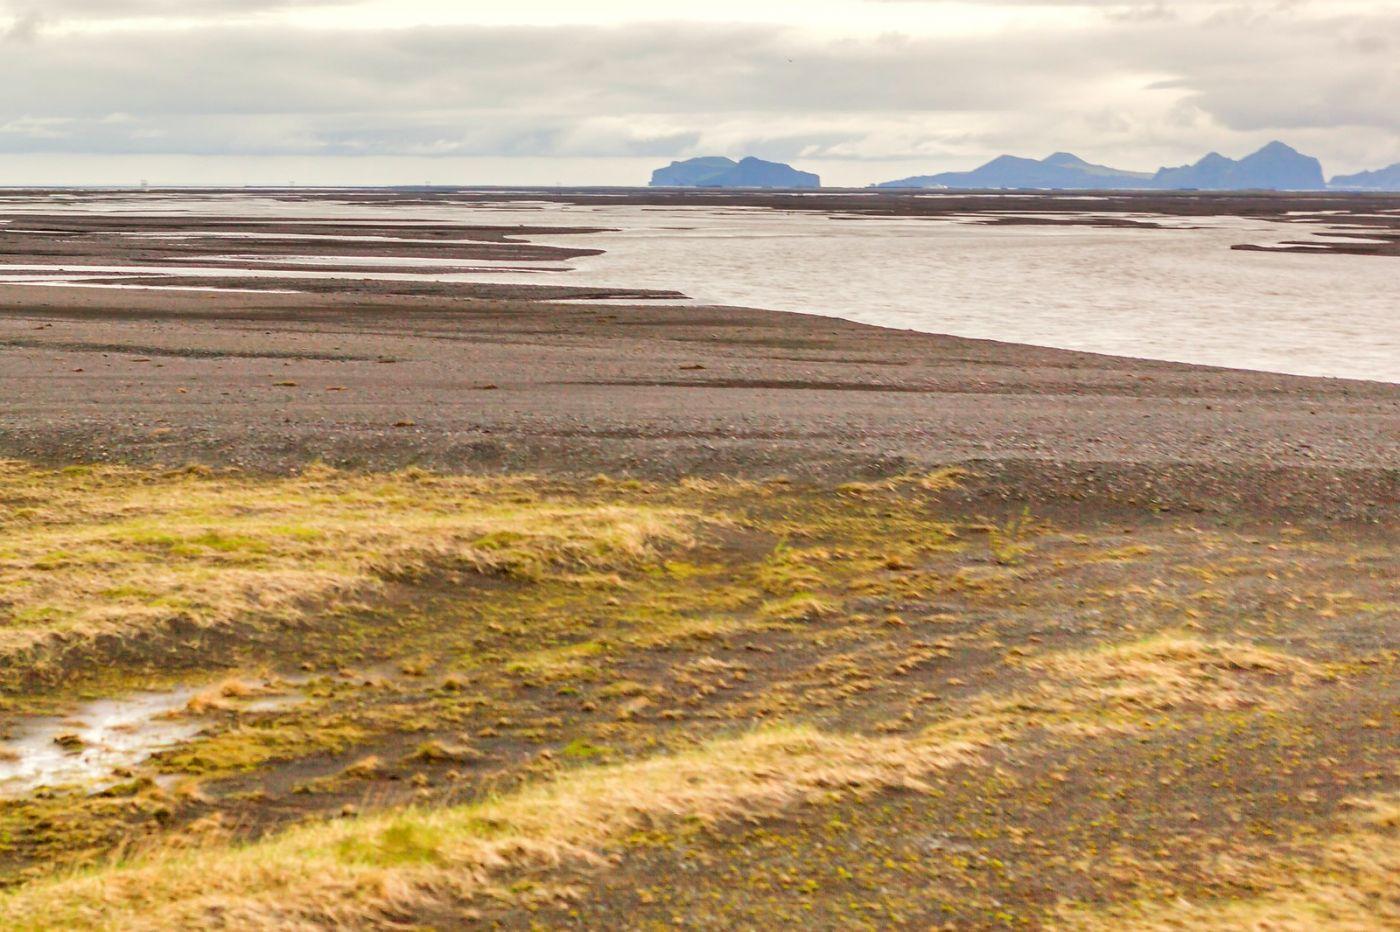 冰岛风采,奇山怪石_图1-4